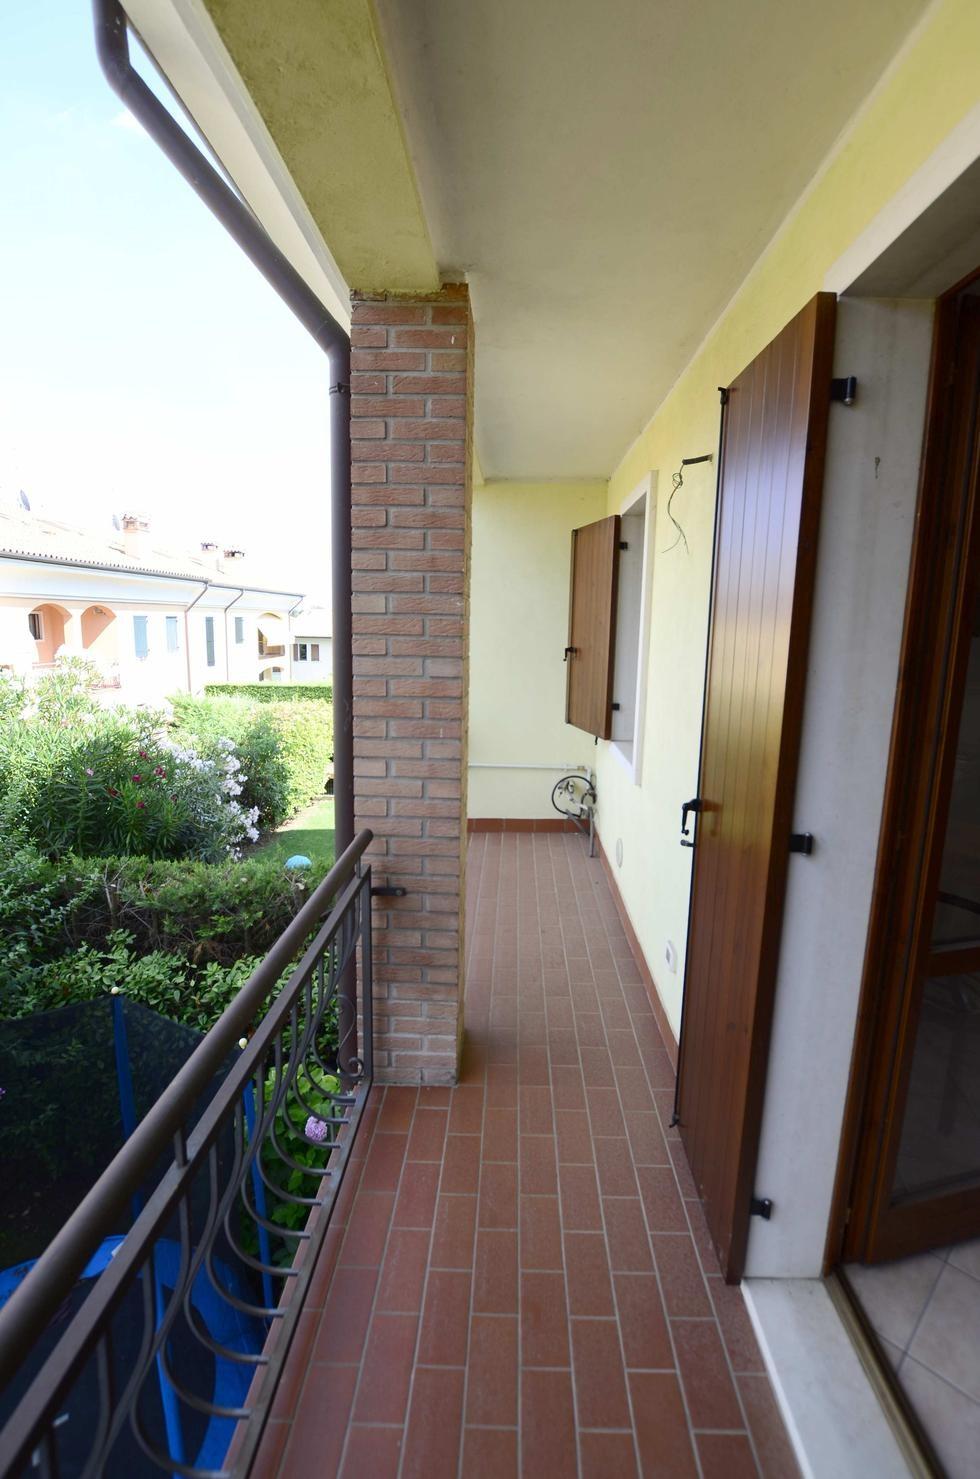 Appartamento duplex in vendita a pescantina settimo for Piani duplex con garage in mezzo